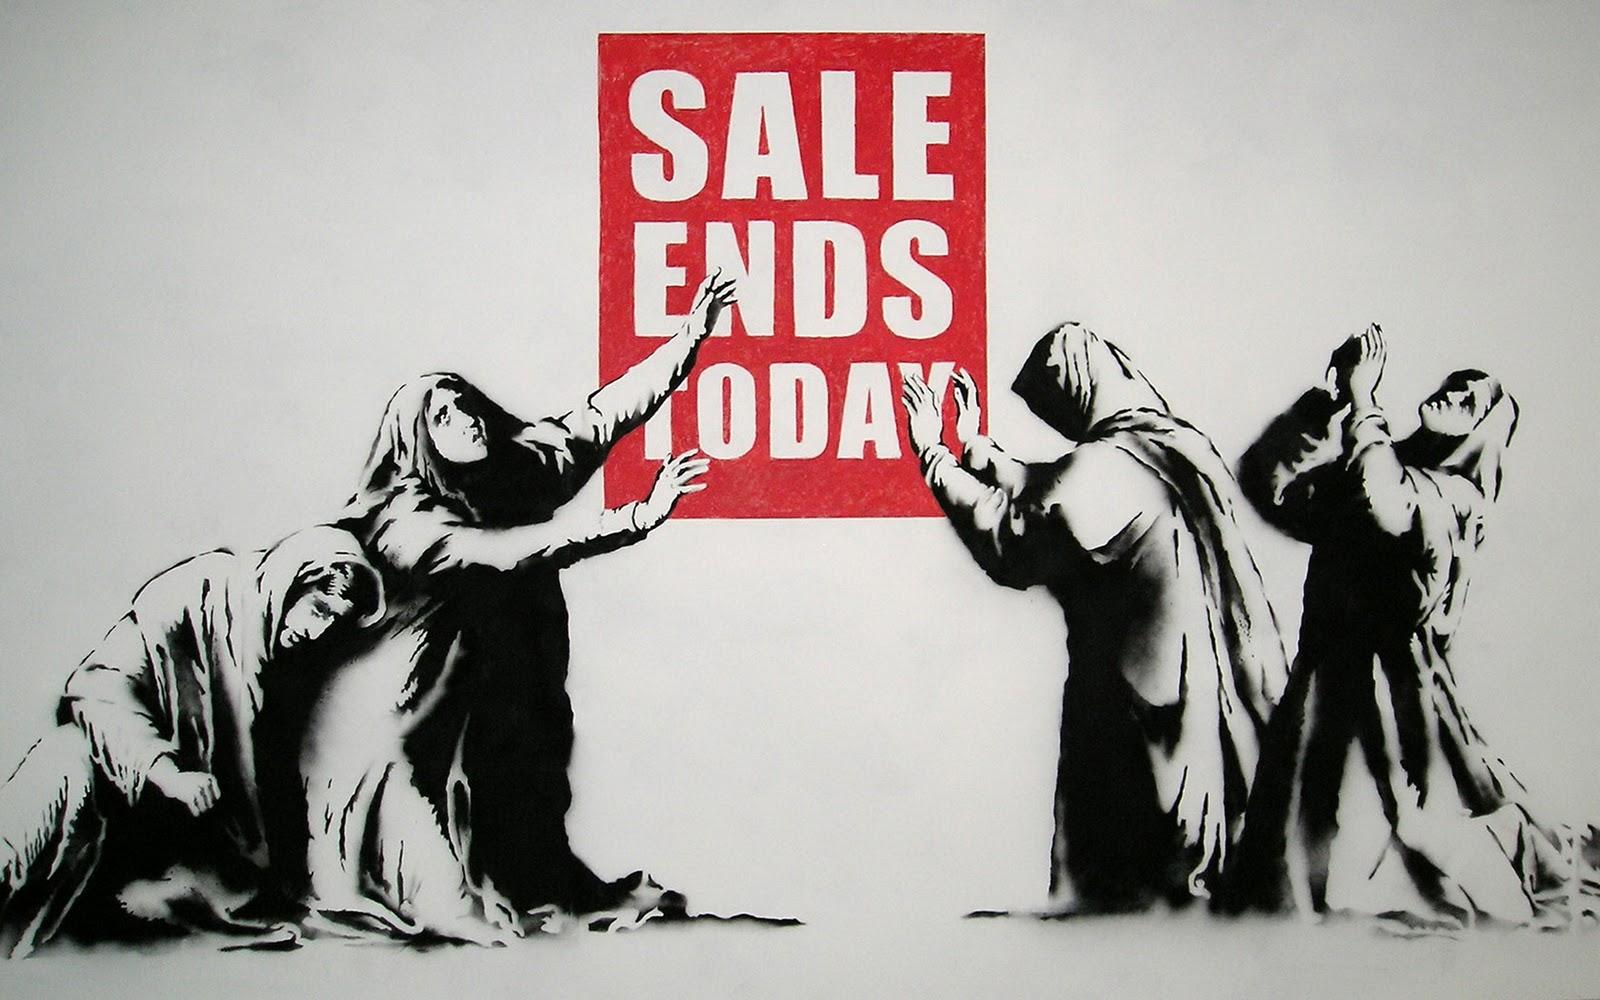 http://3.bp.blogspot.com/-c-iZlWAjD_Y/Ttf5aRnswMI/AAAAAAAAJWs/p7Eq5Audsrk/s1600/40+sale+ends+today.jpg